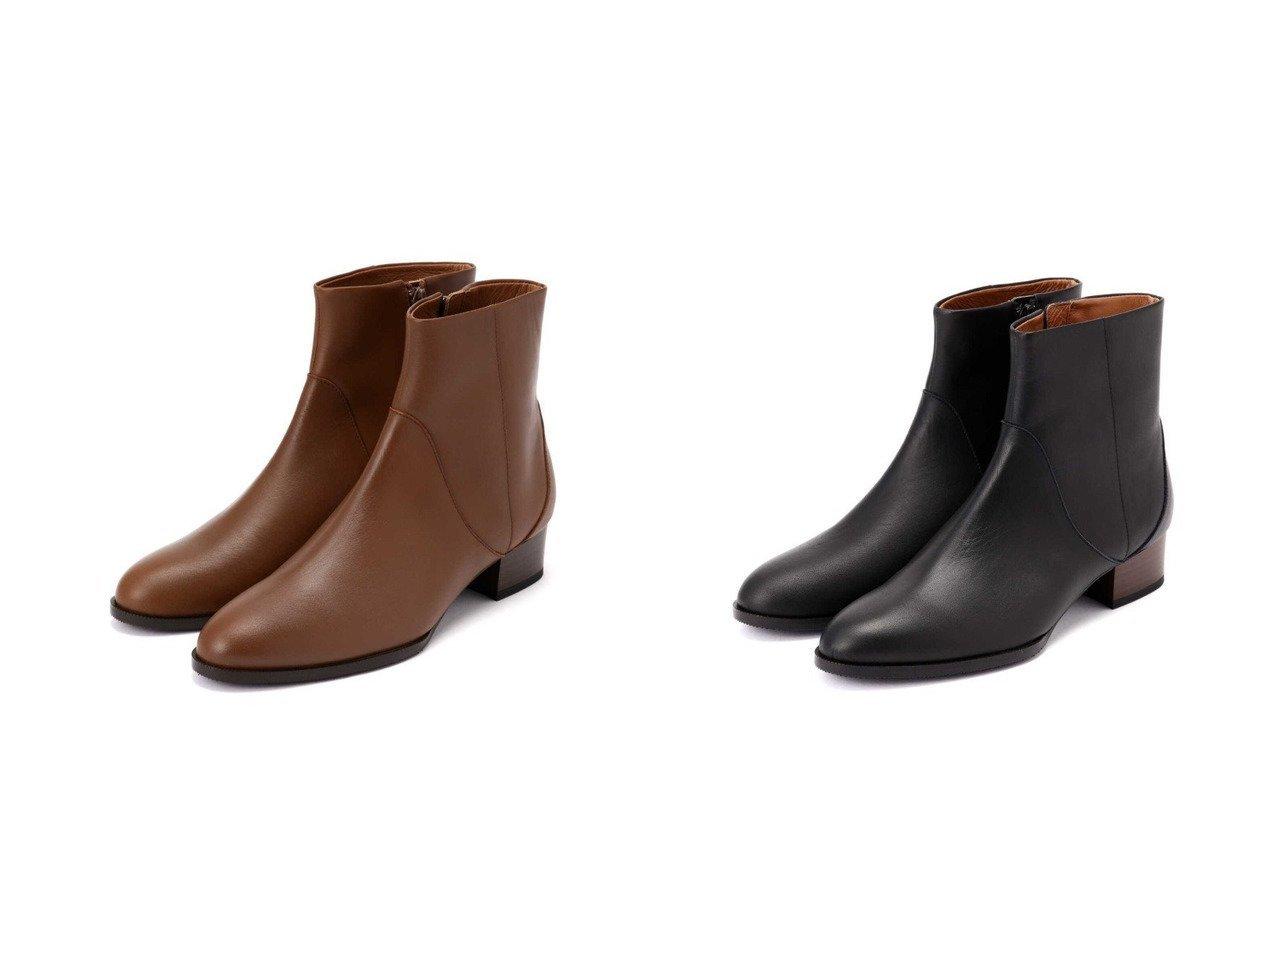 【HUMAN WOMAN/ヒューマンウーマン】のレザーショートブーツ シューズ・靴のおすすめ!人気、トレンド・レディースファッションの通販  おすすめで人気の流行・トレンド、ファッションの通販商品 メンズファッション・キッズファッション・インテリア・家具・レディースファッション・服の通販 founy(ファニー) https://founy.com/ ファッション Fashion レディースファッション WOMEN クッション シューズ タイツ |ID:crp329100000010834